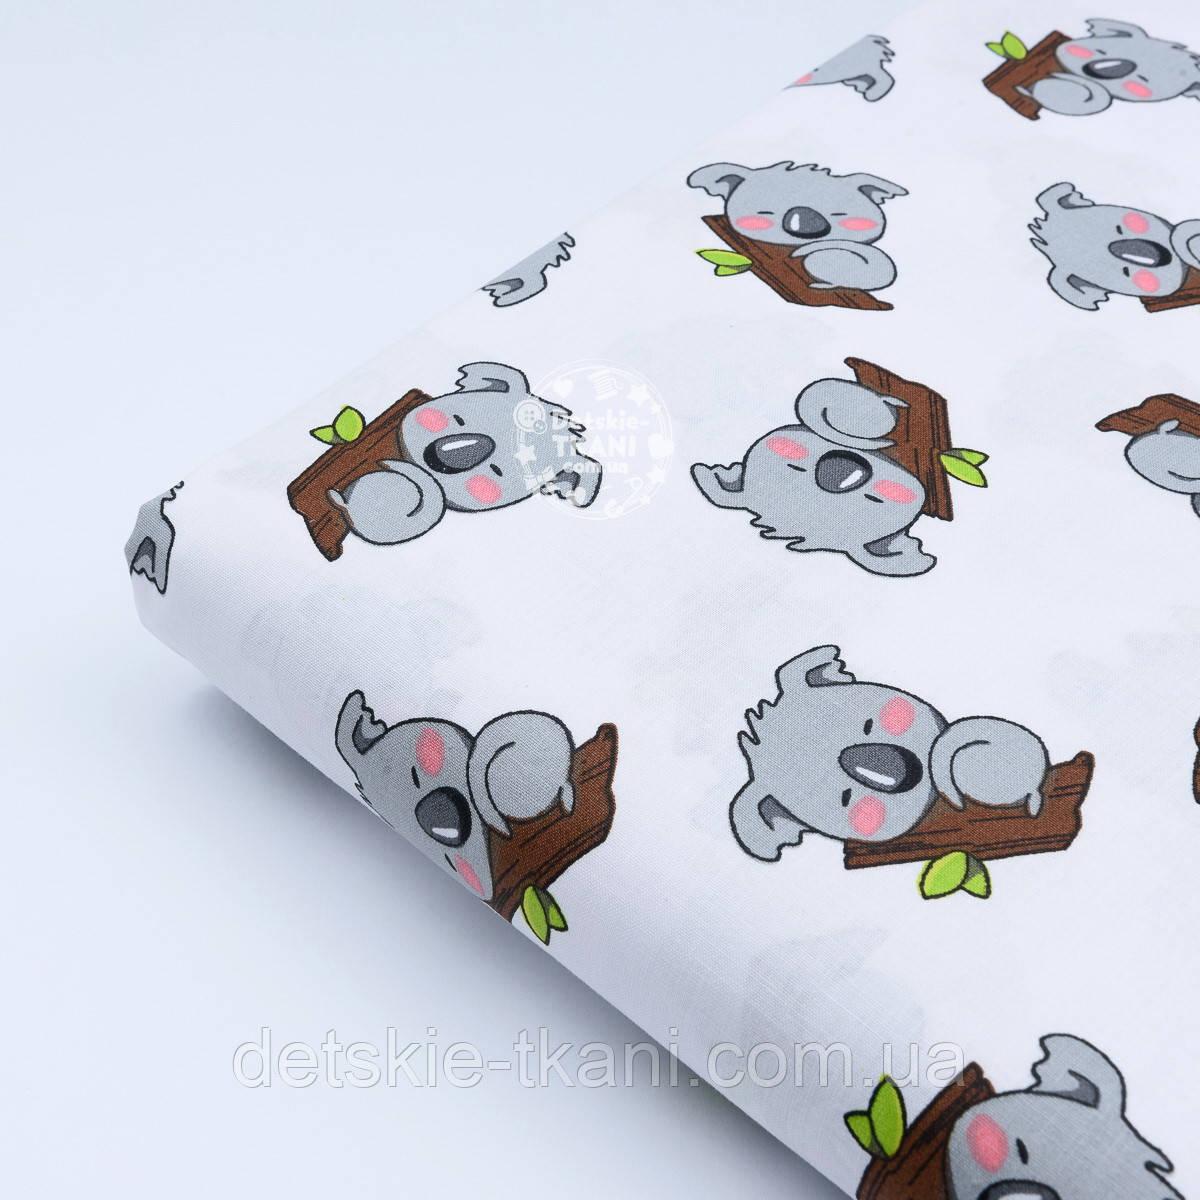 Лоскут ткани №828а с серыми мишками коала на веточке дерева